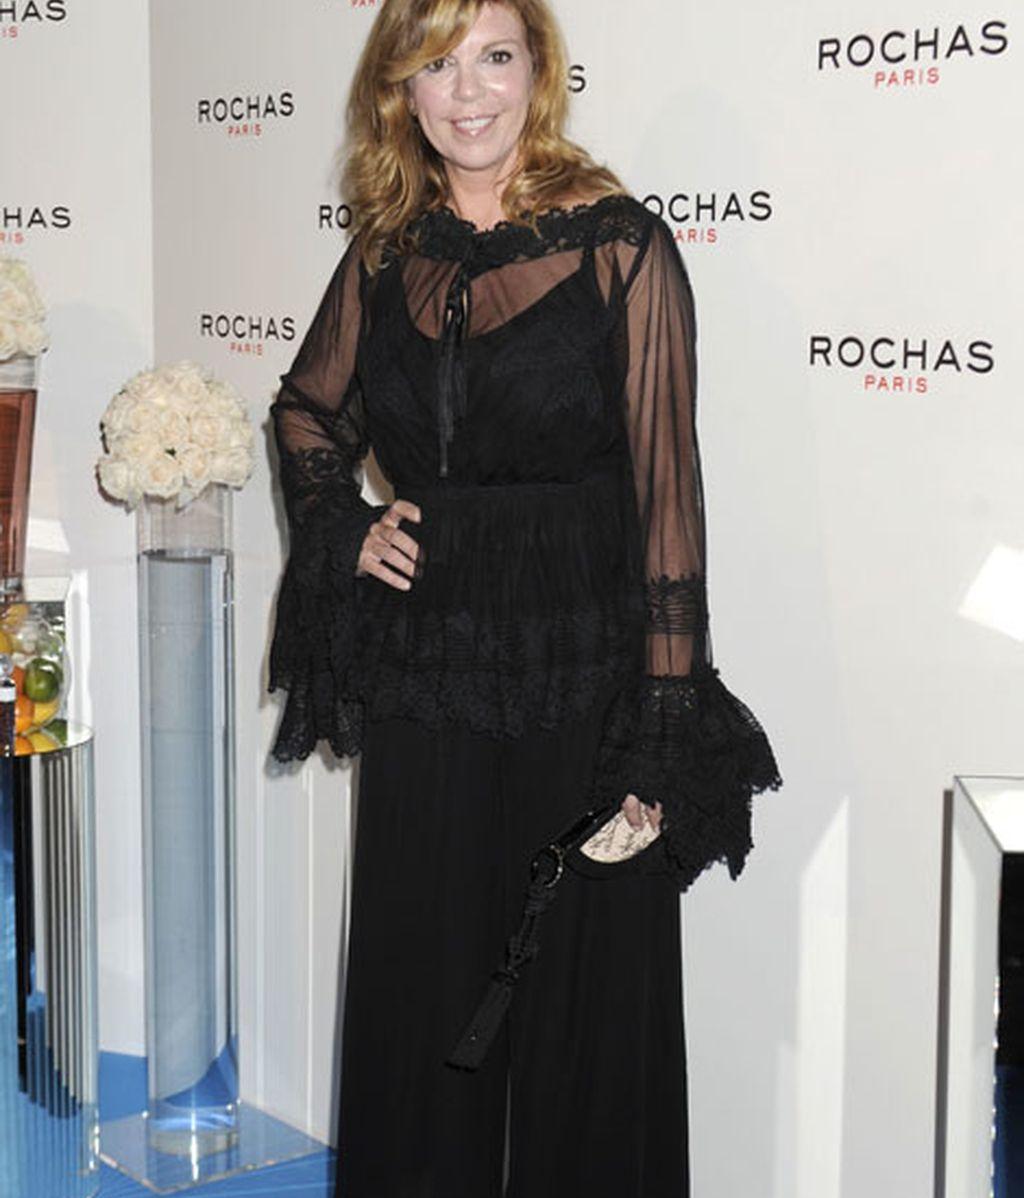 Belinda Washington, vestido y zapatos negros